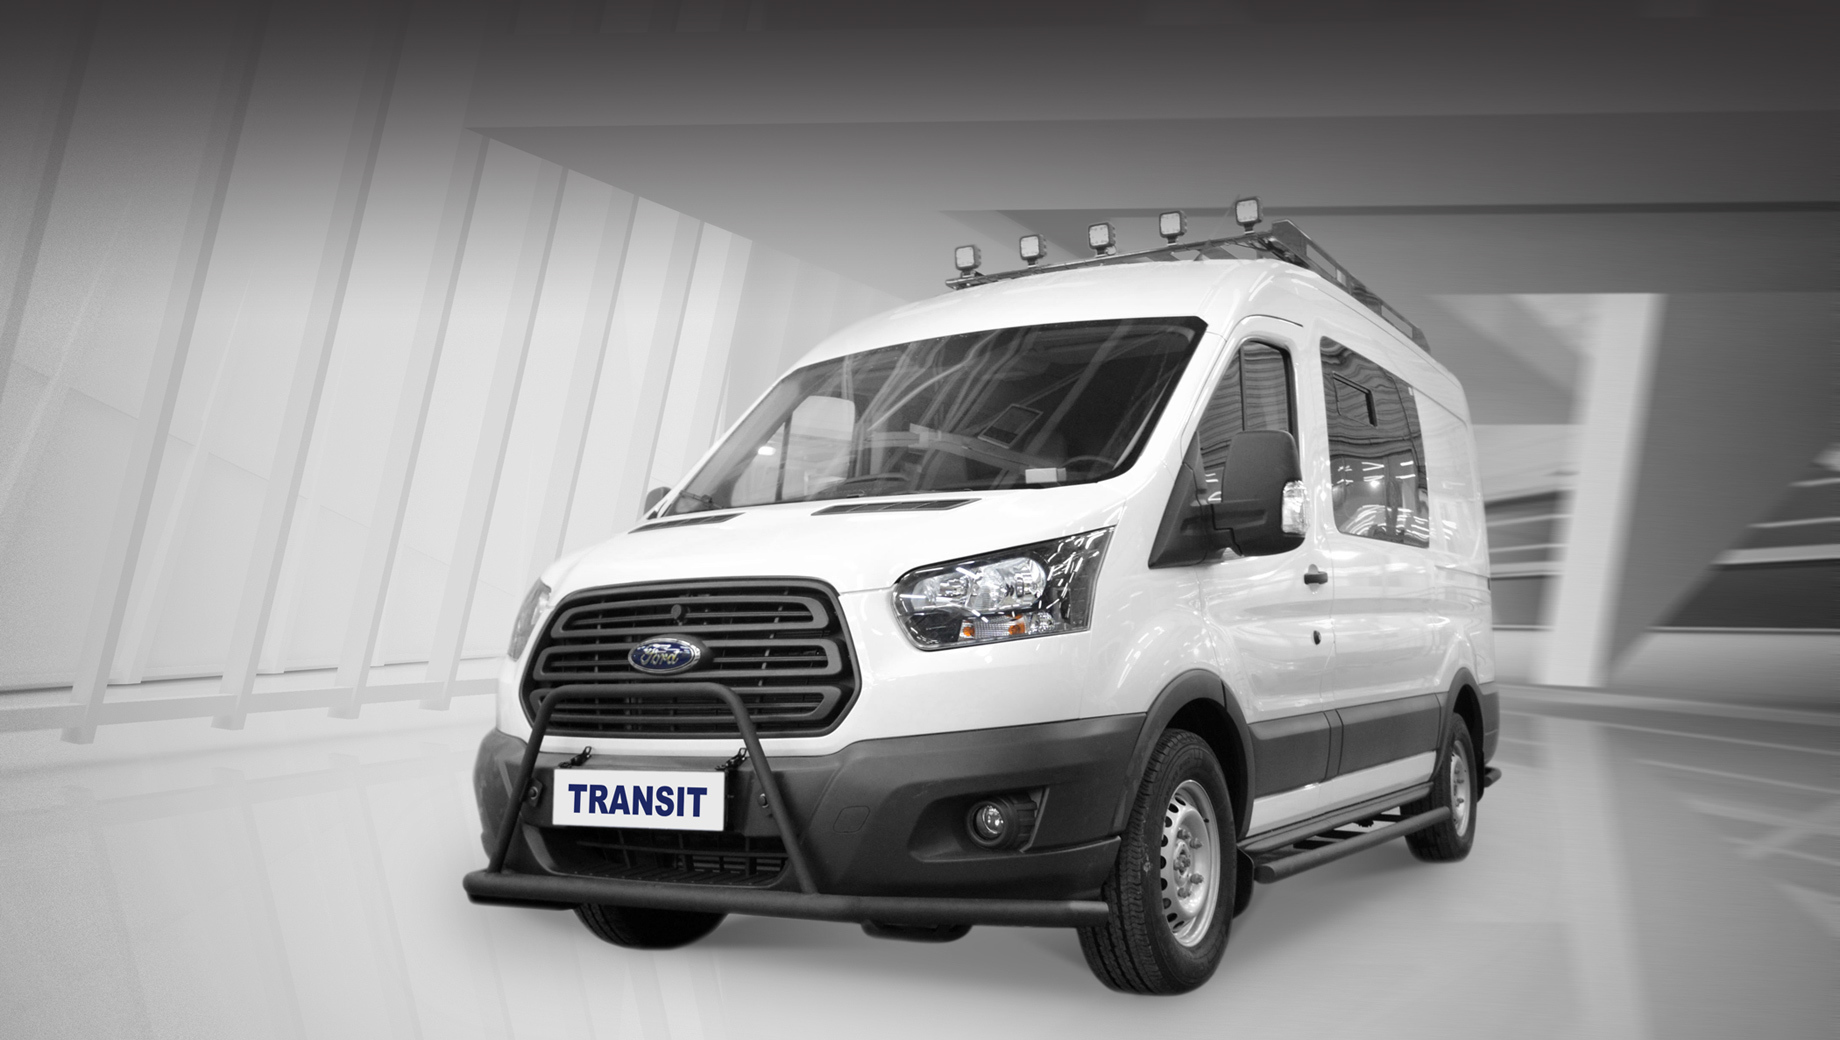 Ford transit. Охотничий Transit выделяется отбойниками по периметру кузова, экспедиционным багажником с дополнительным внедорожным светом.